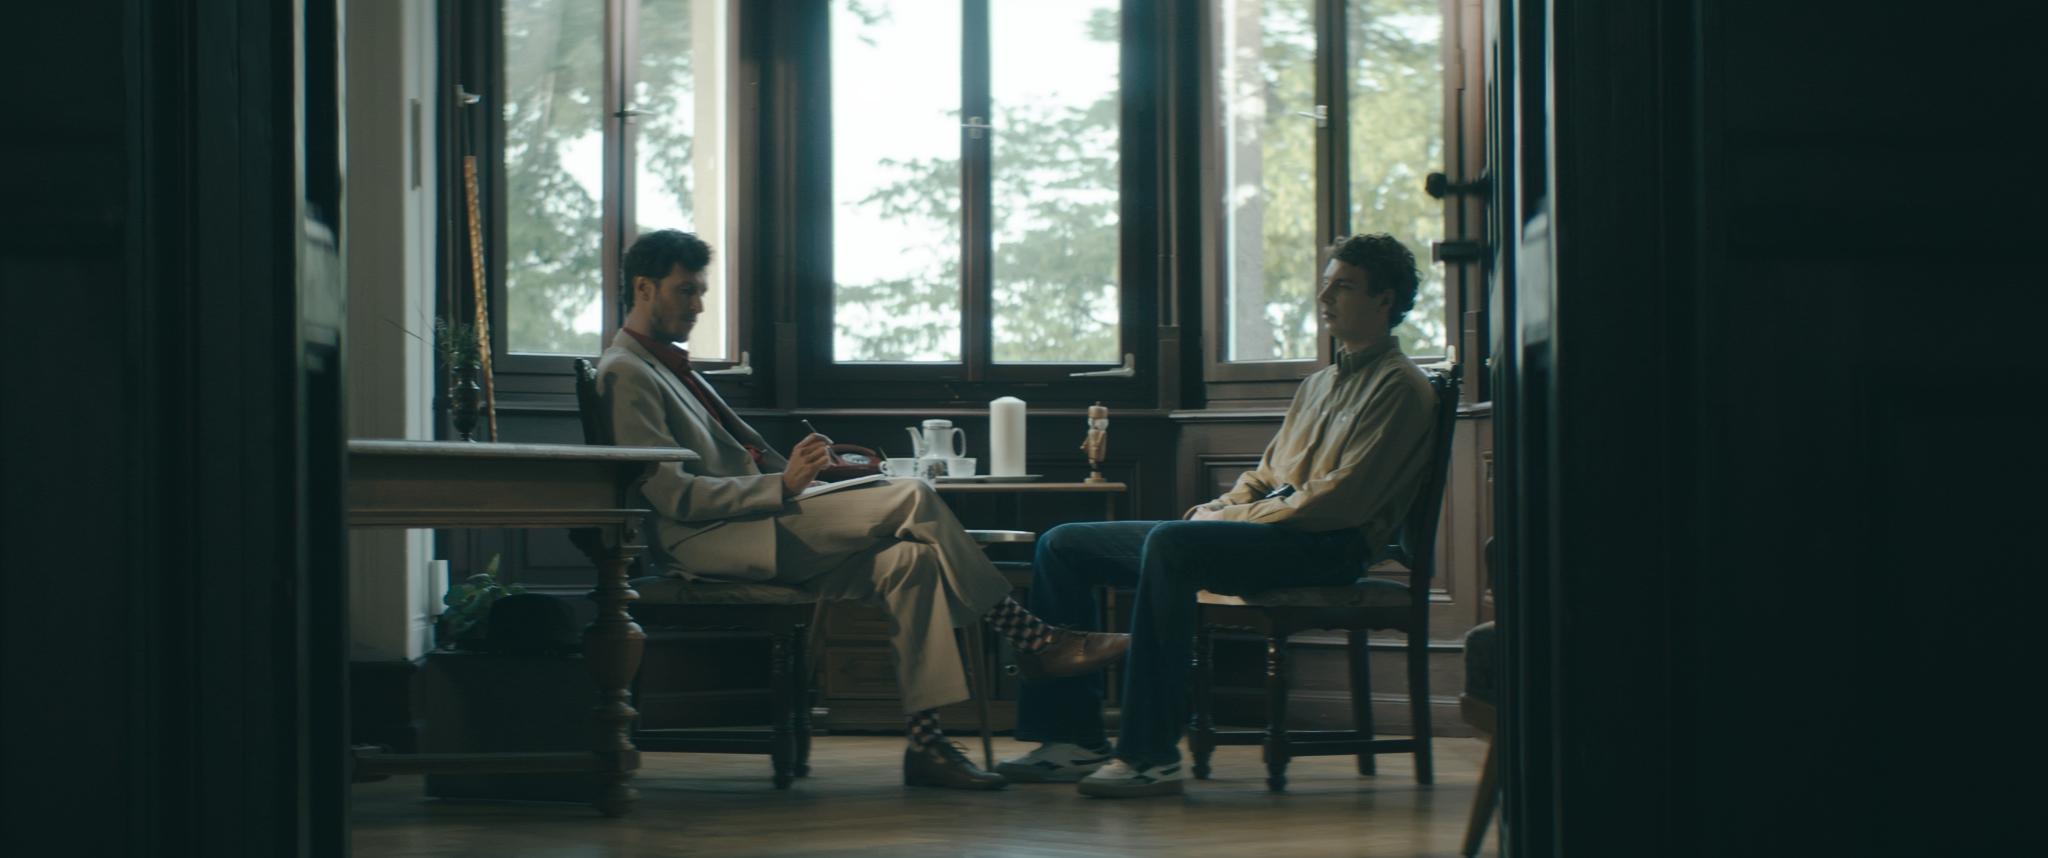 Robert (Danylo Zaczkiewicz) und Dr.Jansen (Ben Moedder) während einer Therapiestunde.